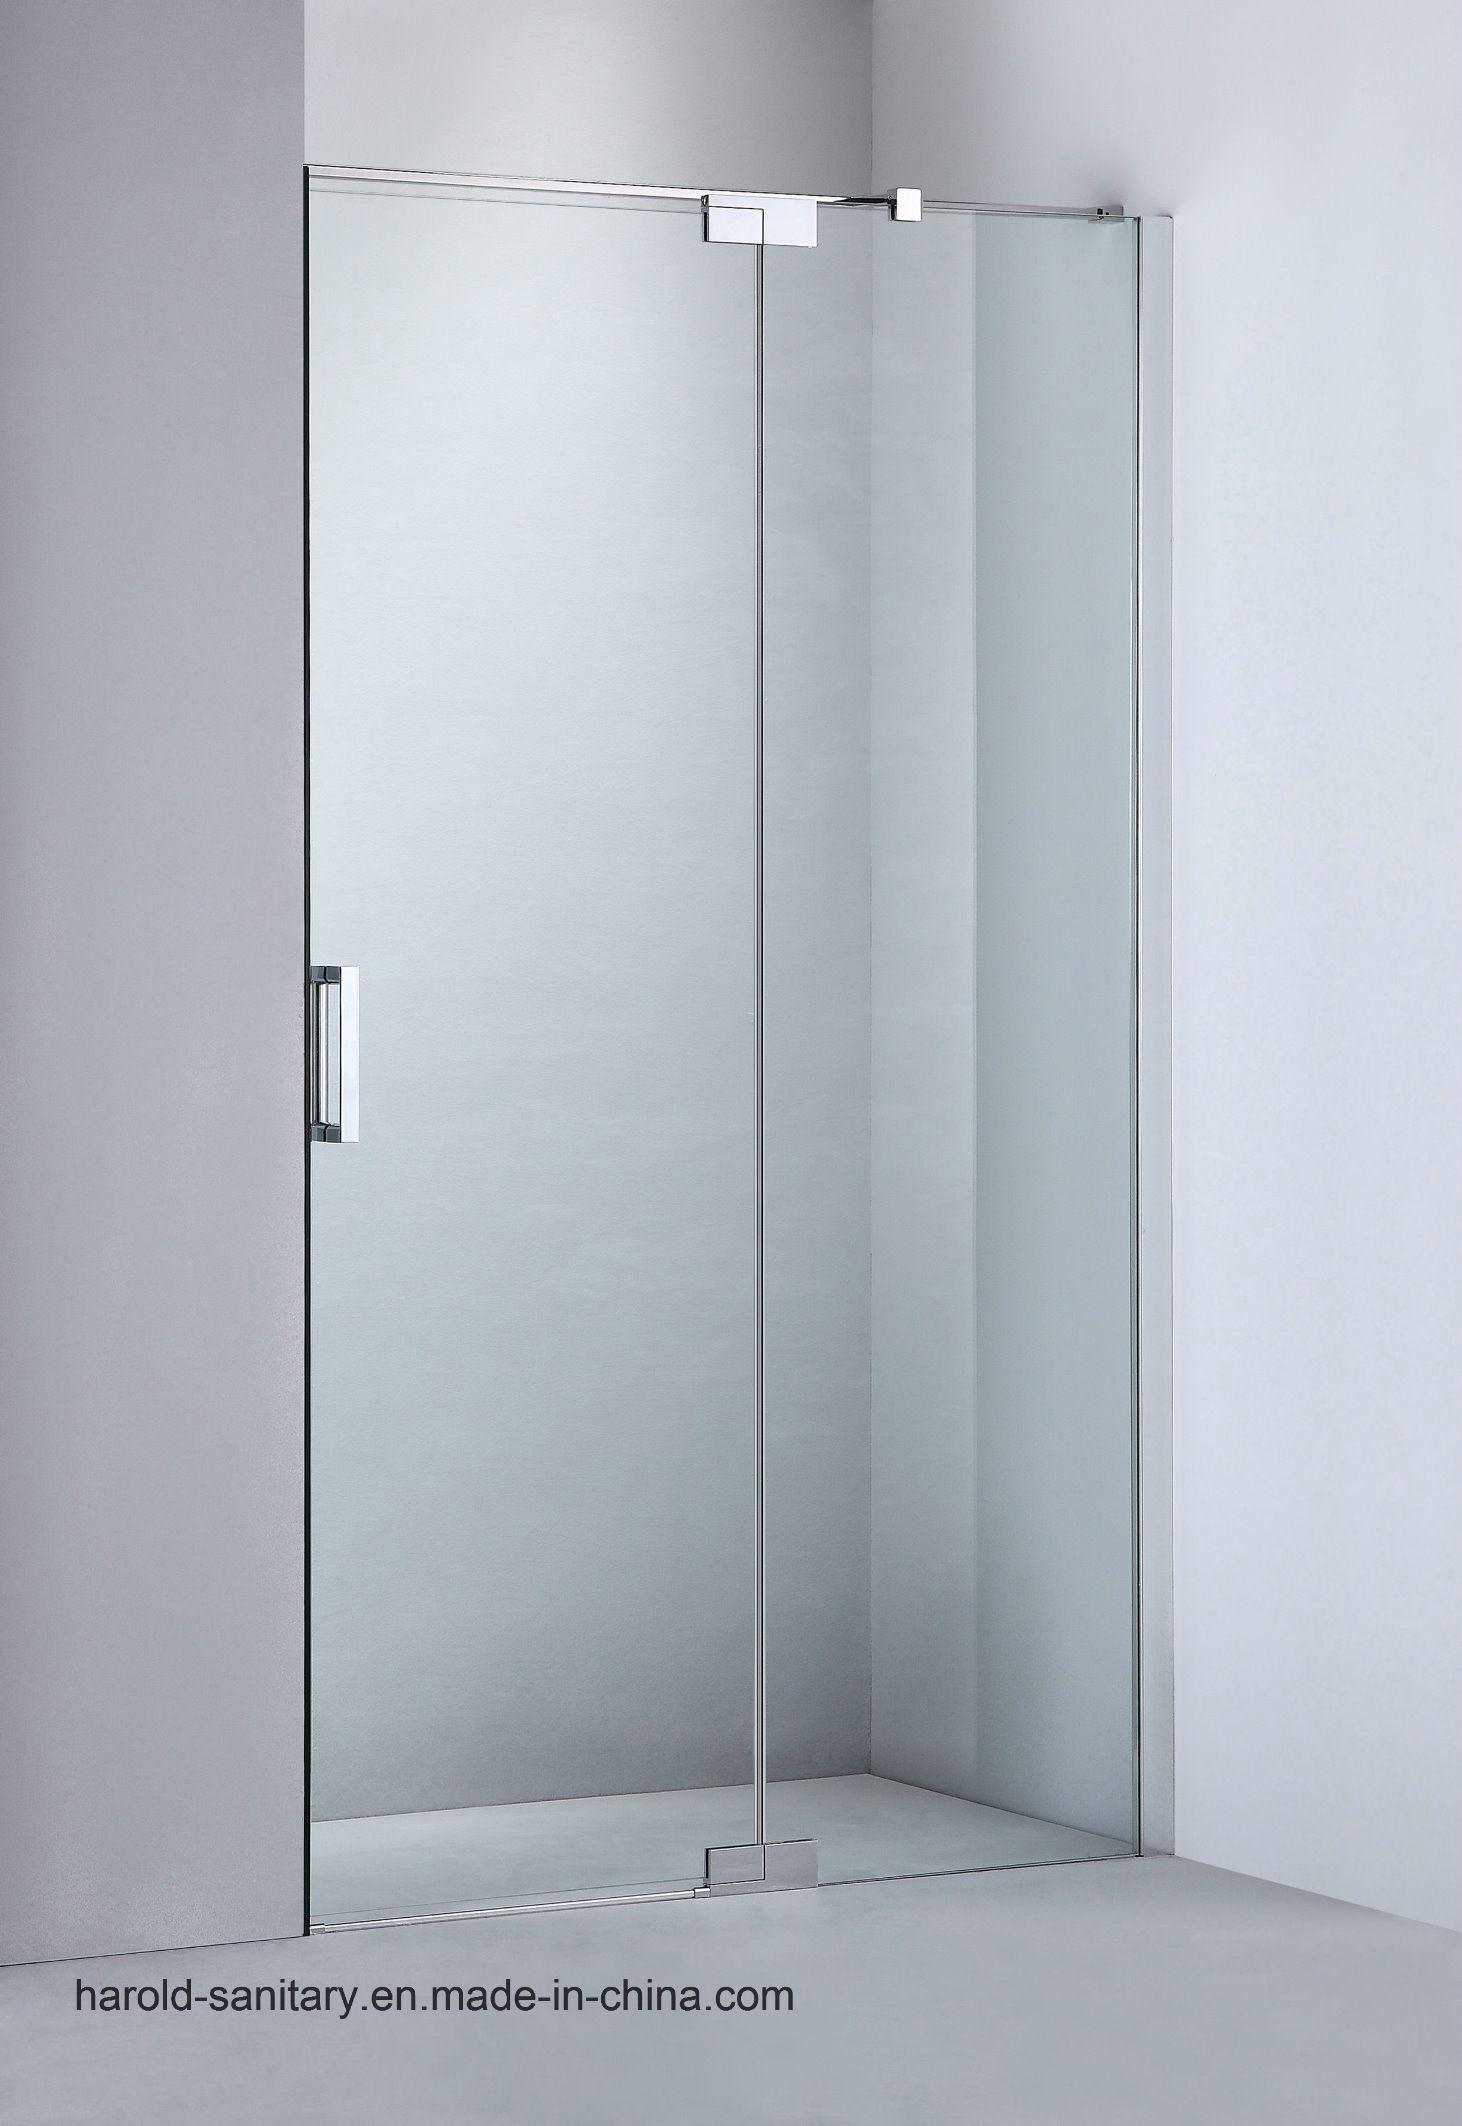 Hot Item Brass Hinge Stainless Steel Pivot Shower Screen